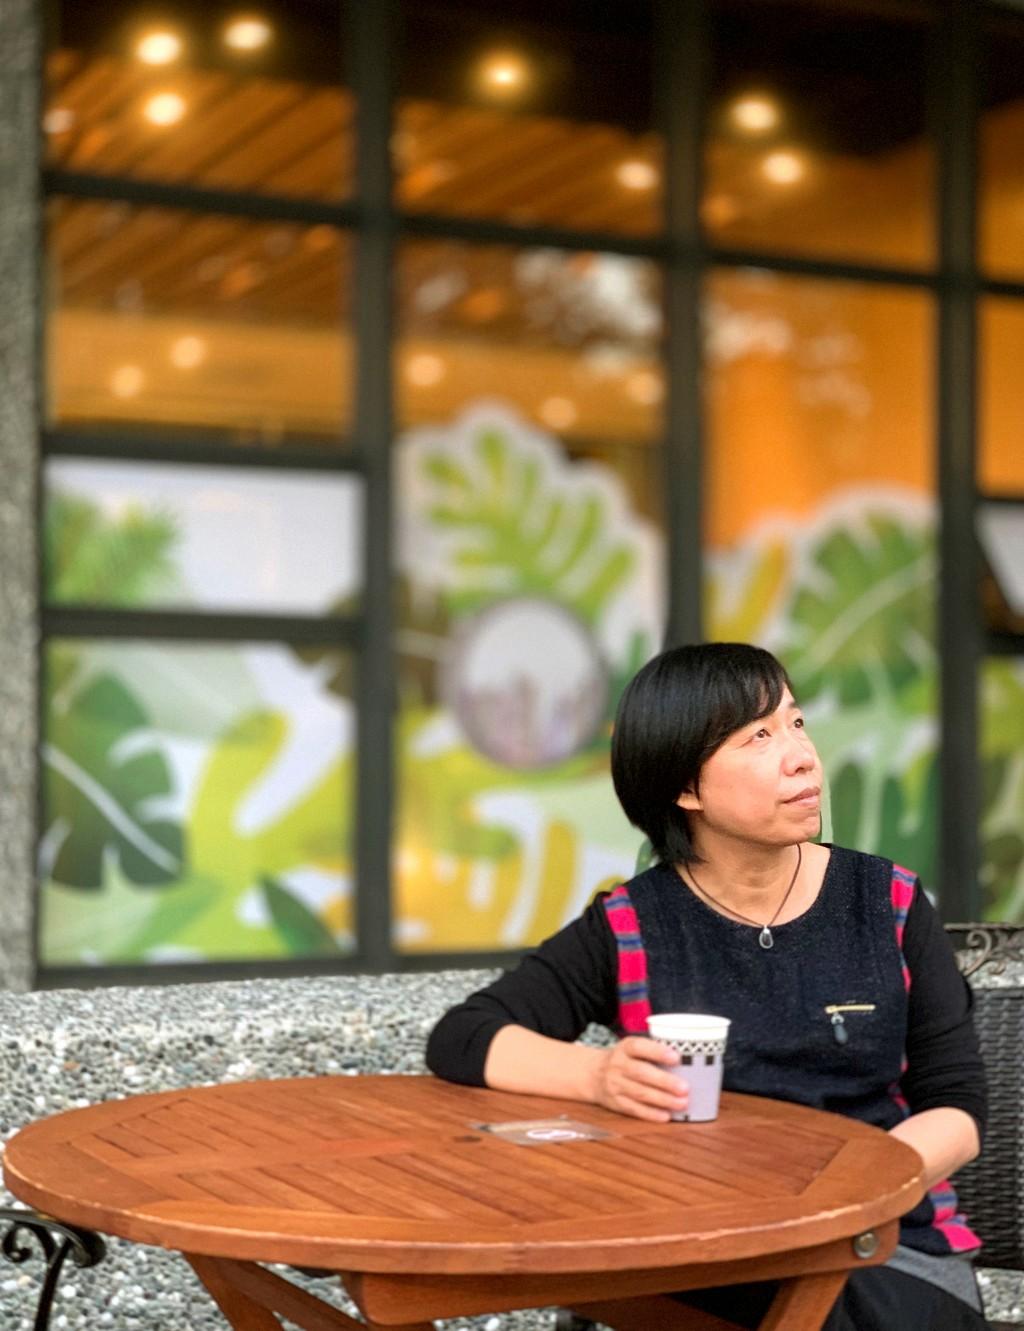 台中李科永圖書館戶外設有咖啡販賣機,可在綠意環繞下品嘗咖啡香氣。